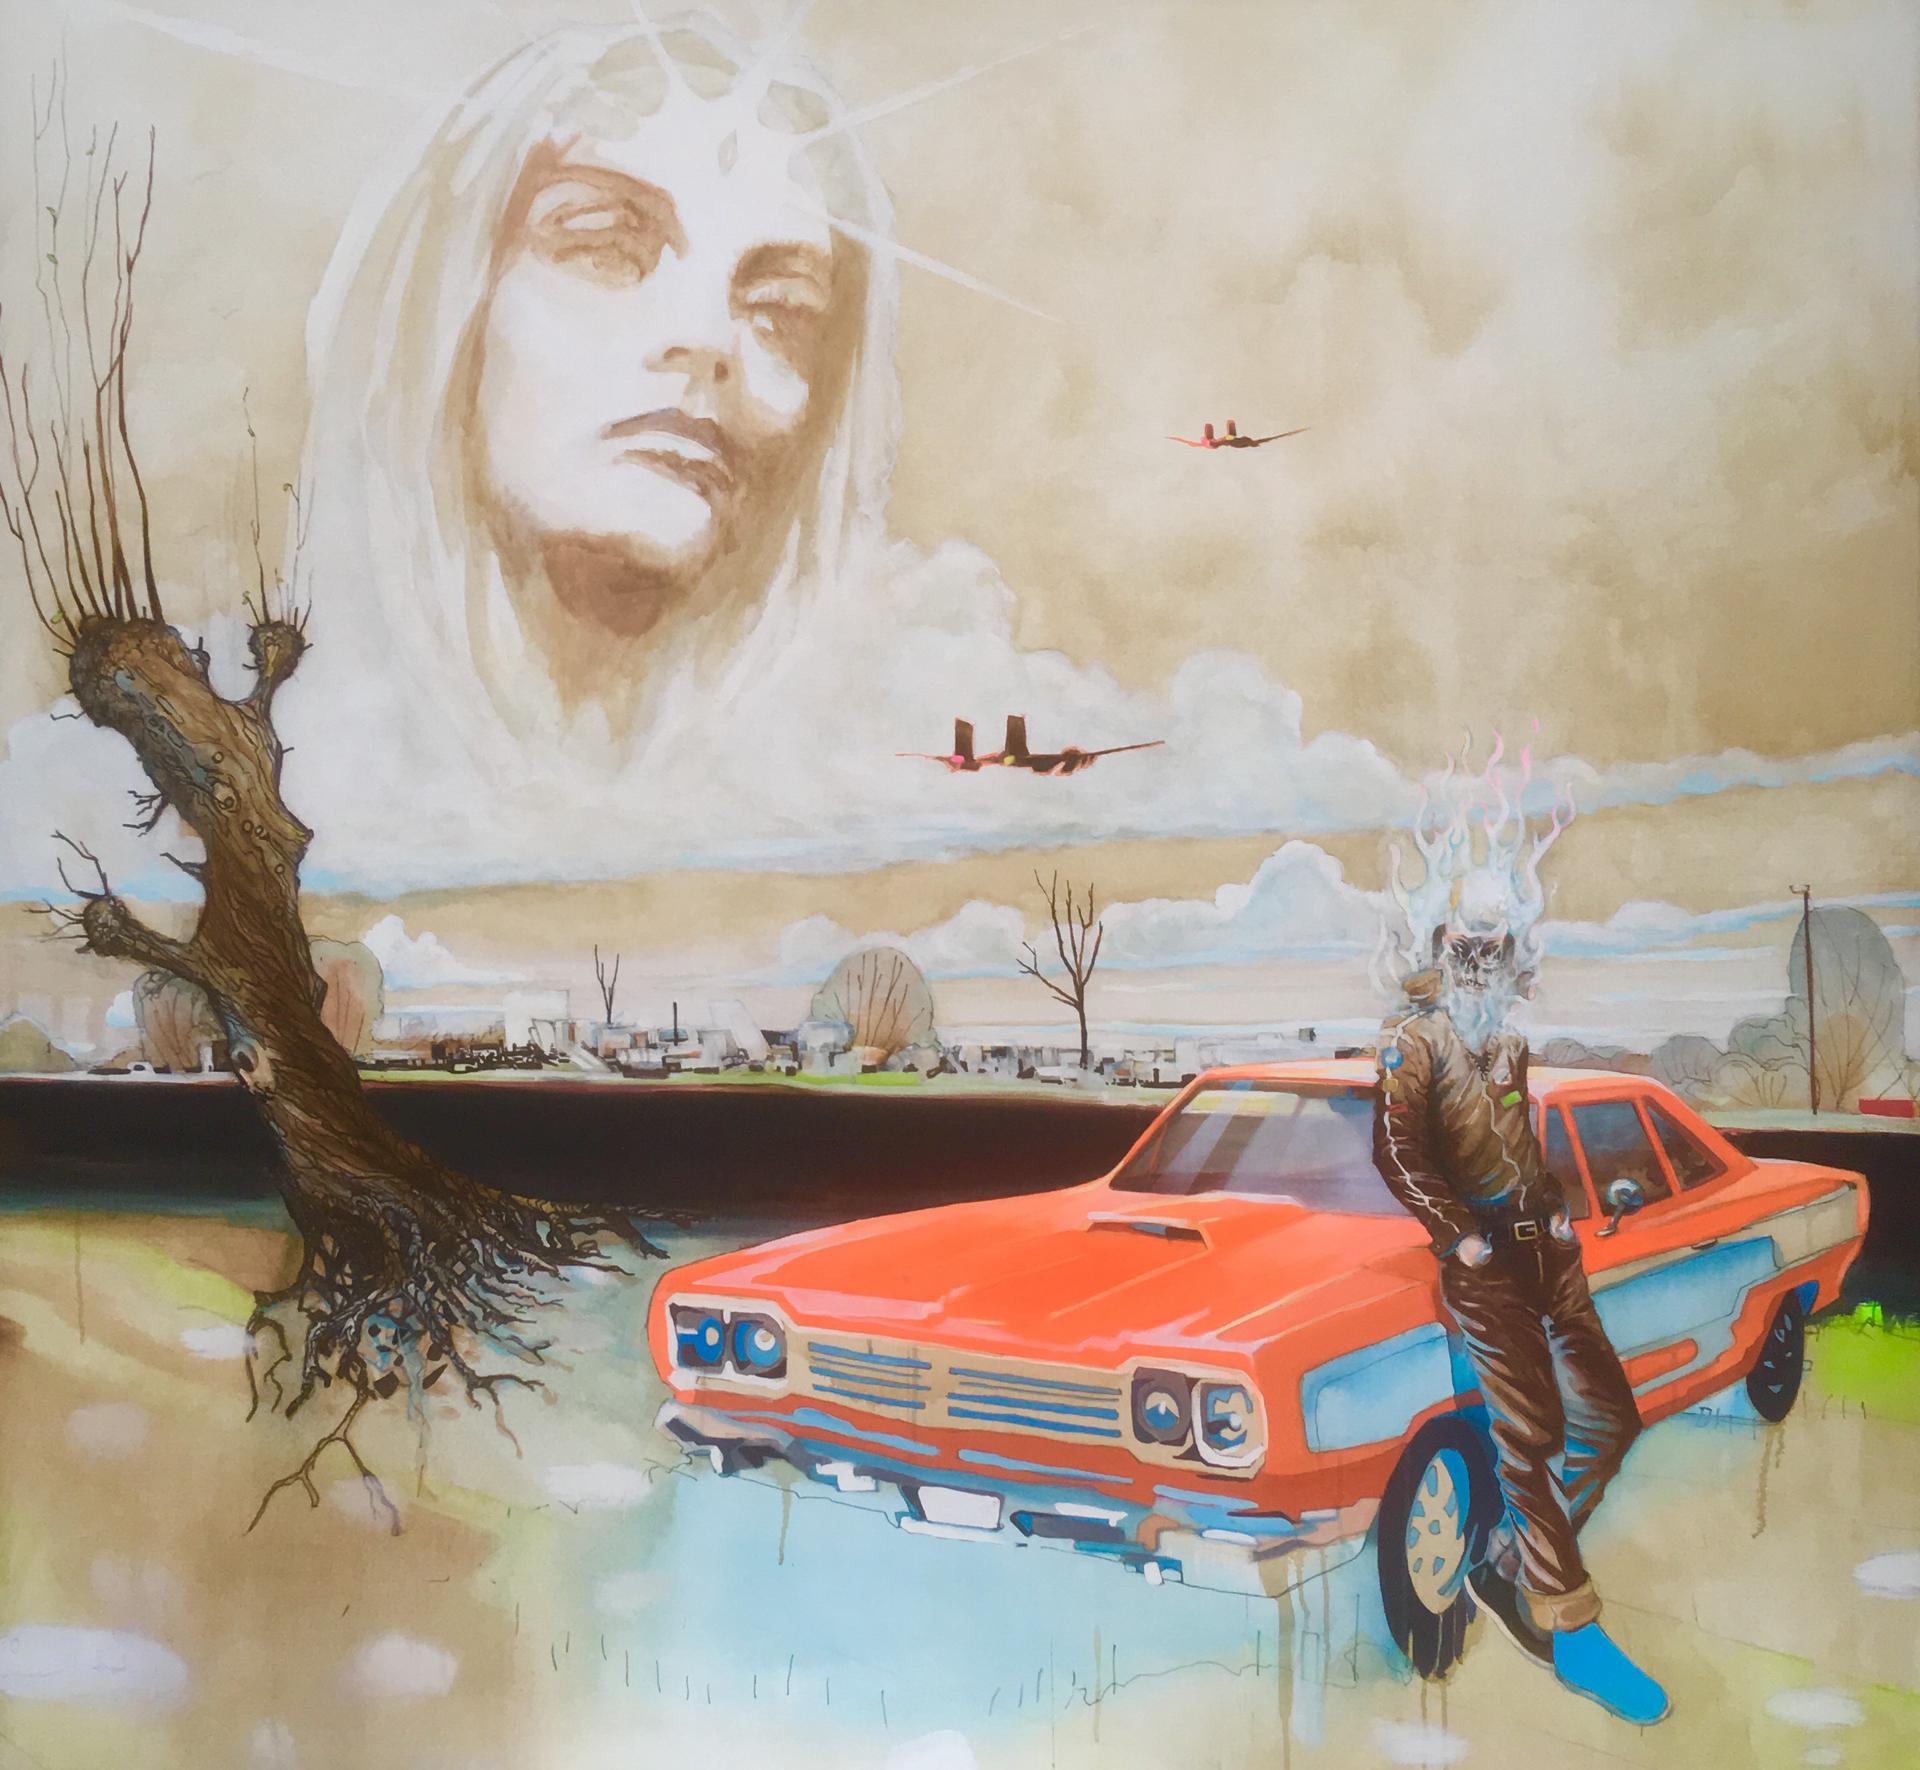 Karl 9000 by Joe Currie